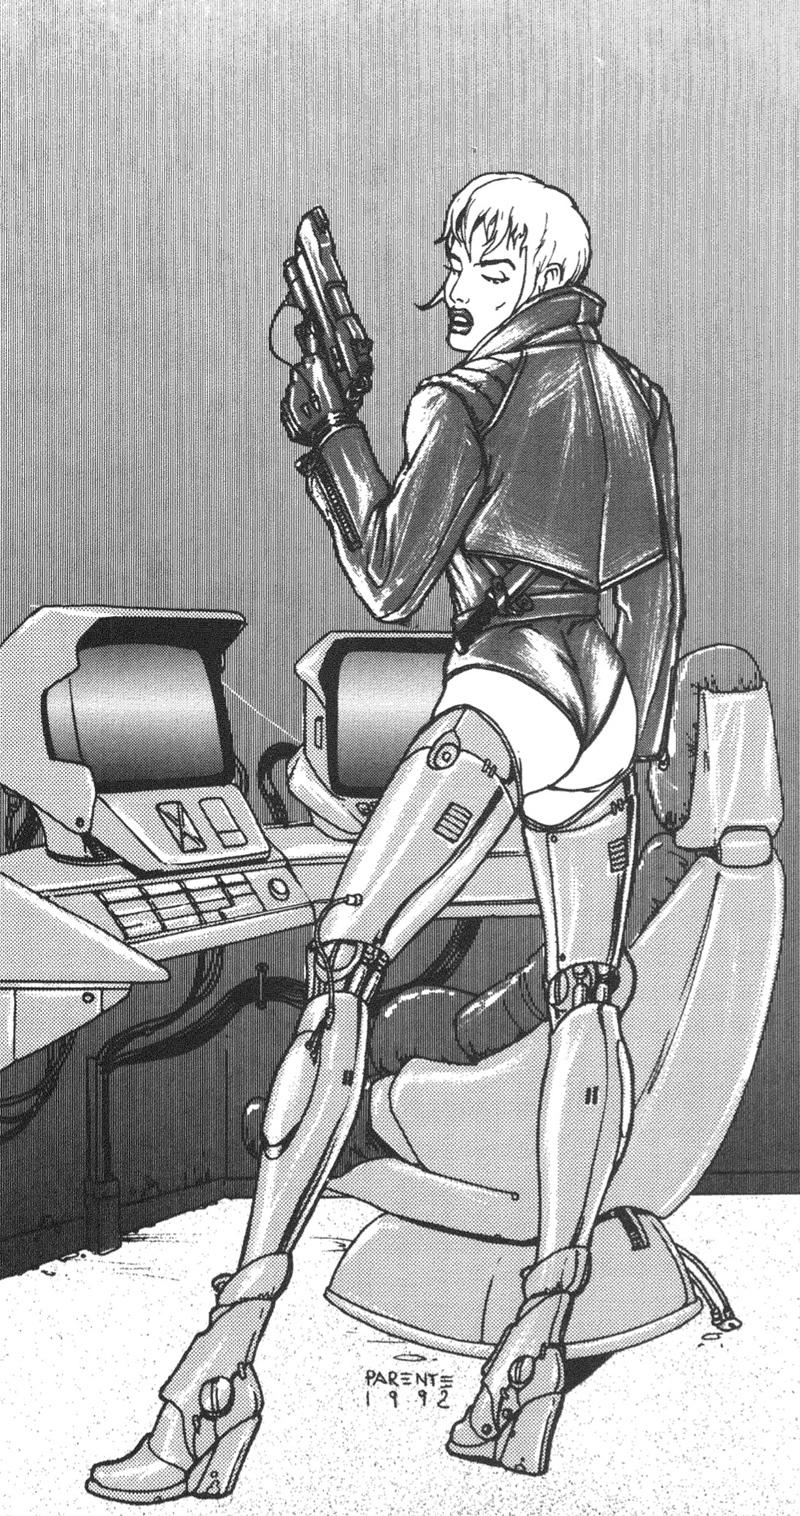 Cyberpunk 2020-2077: a defense of retro-futurism